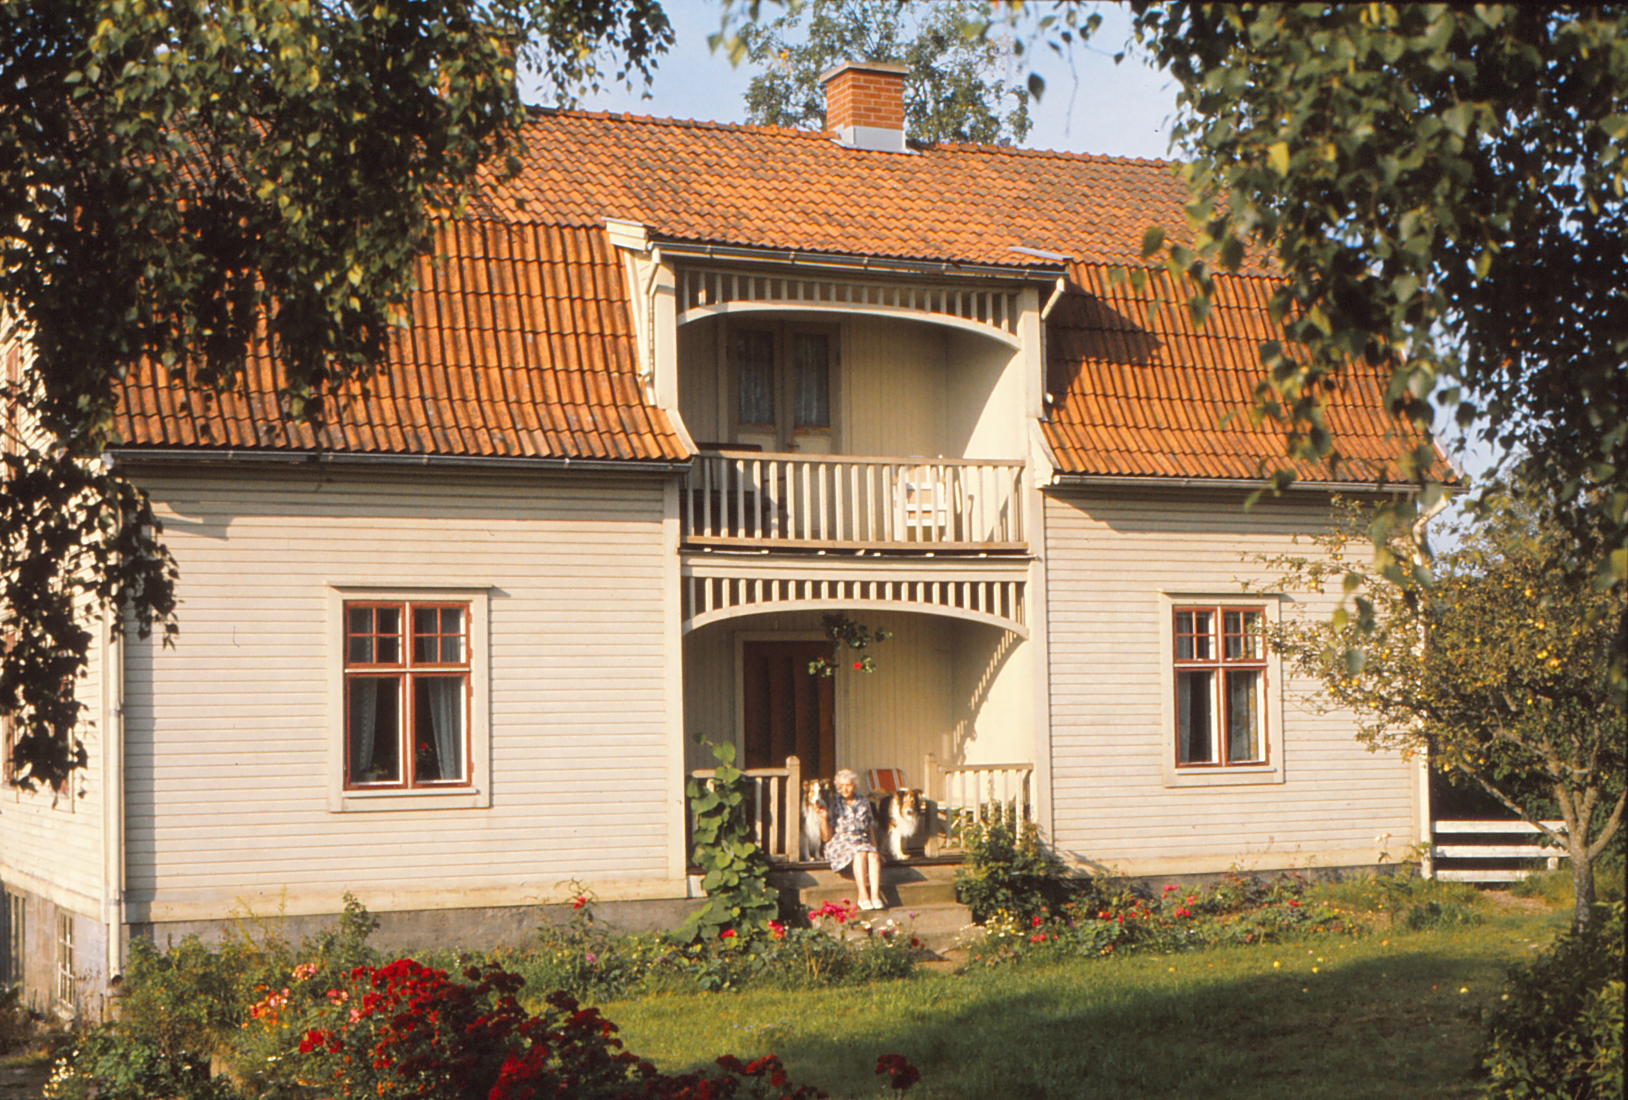 Skomakarens hus på Dalvägen 1